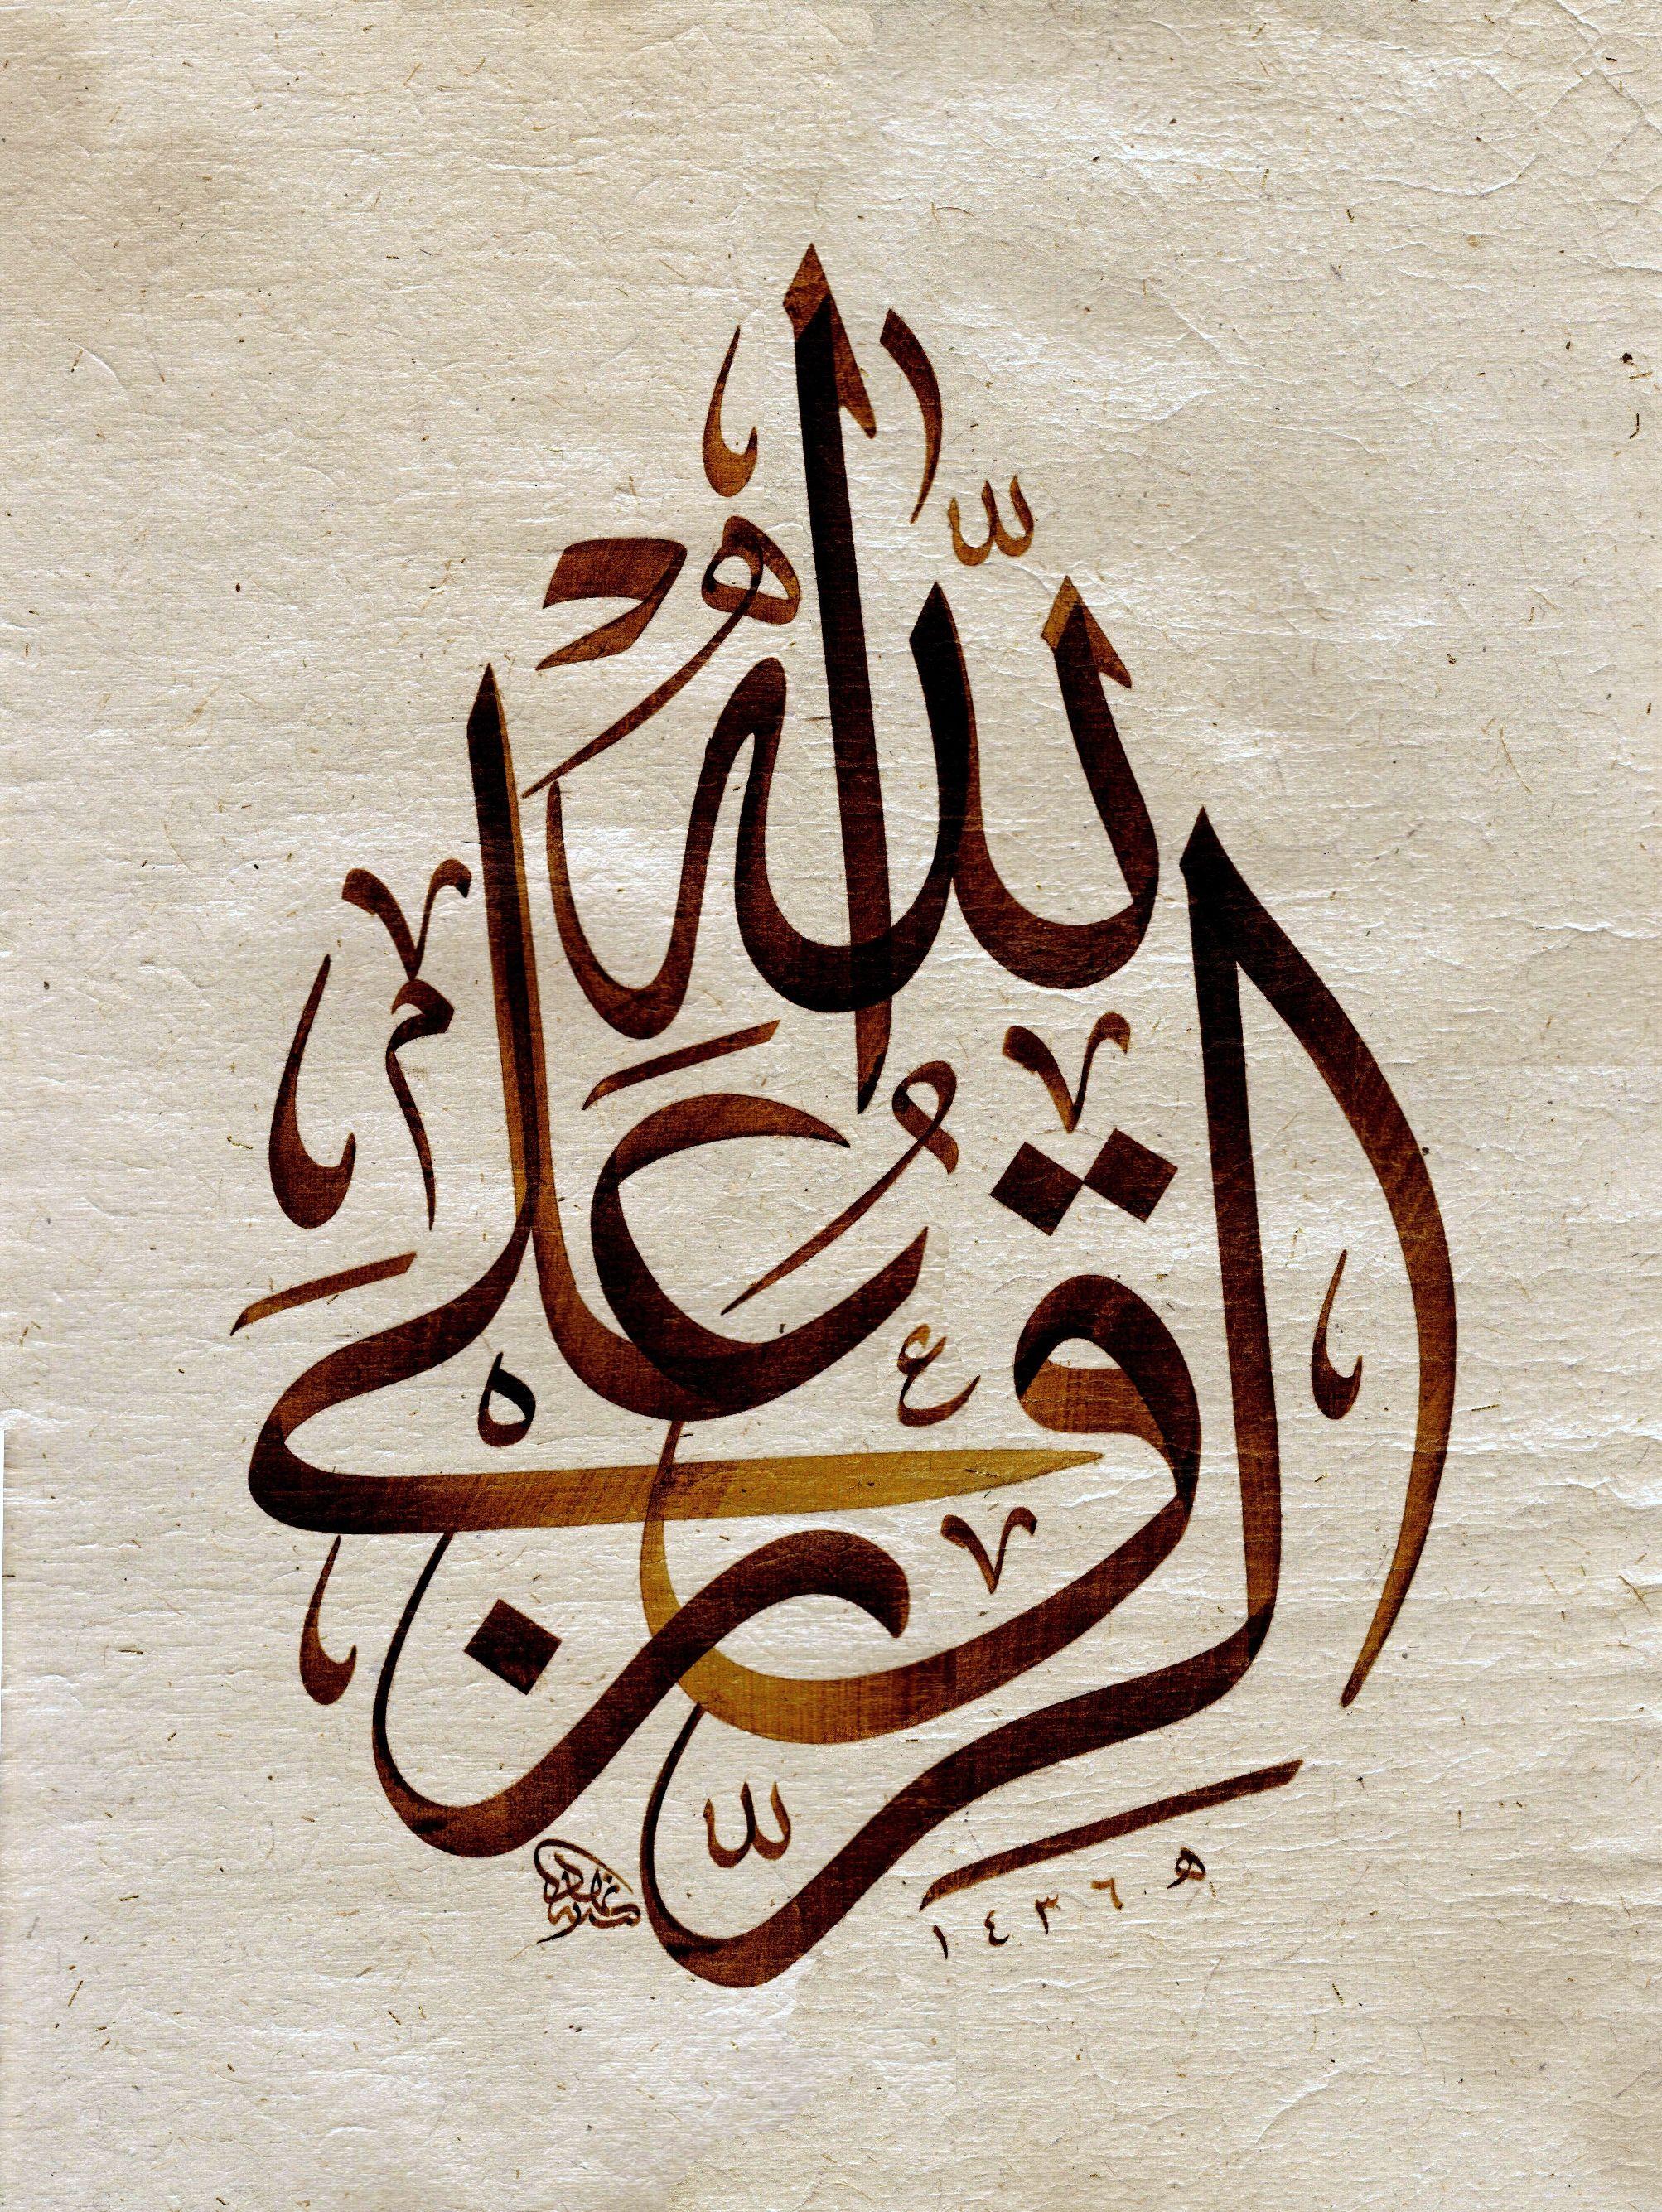 Rizik Allahtandir Islam Hat Sanati Islami Sanat Arap Sanati